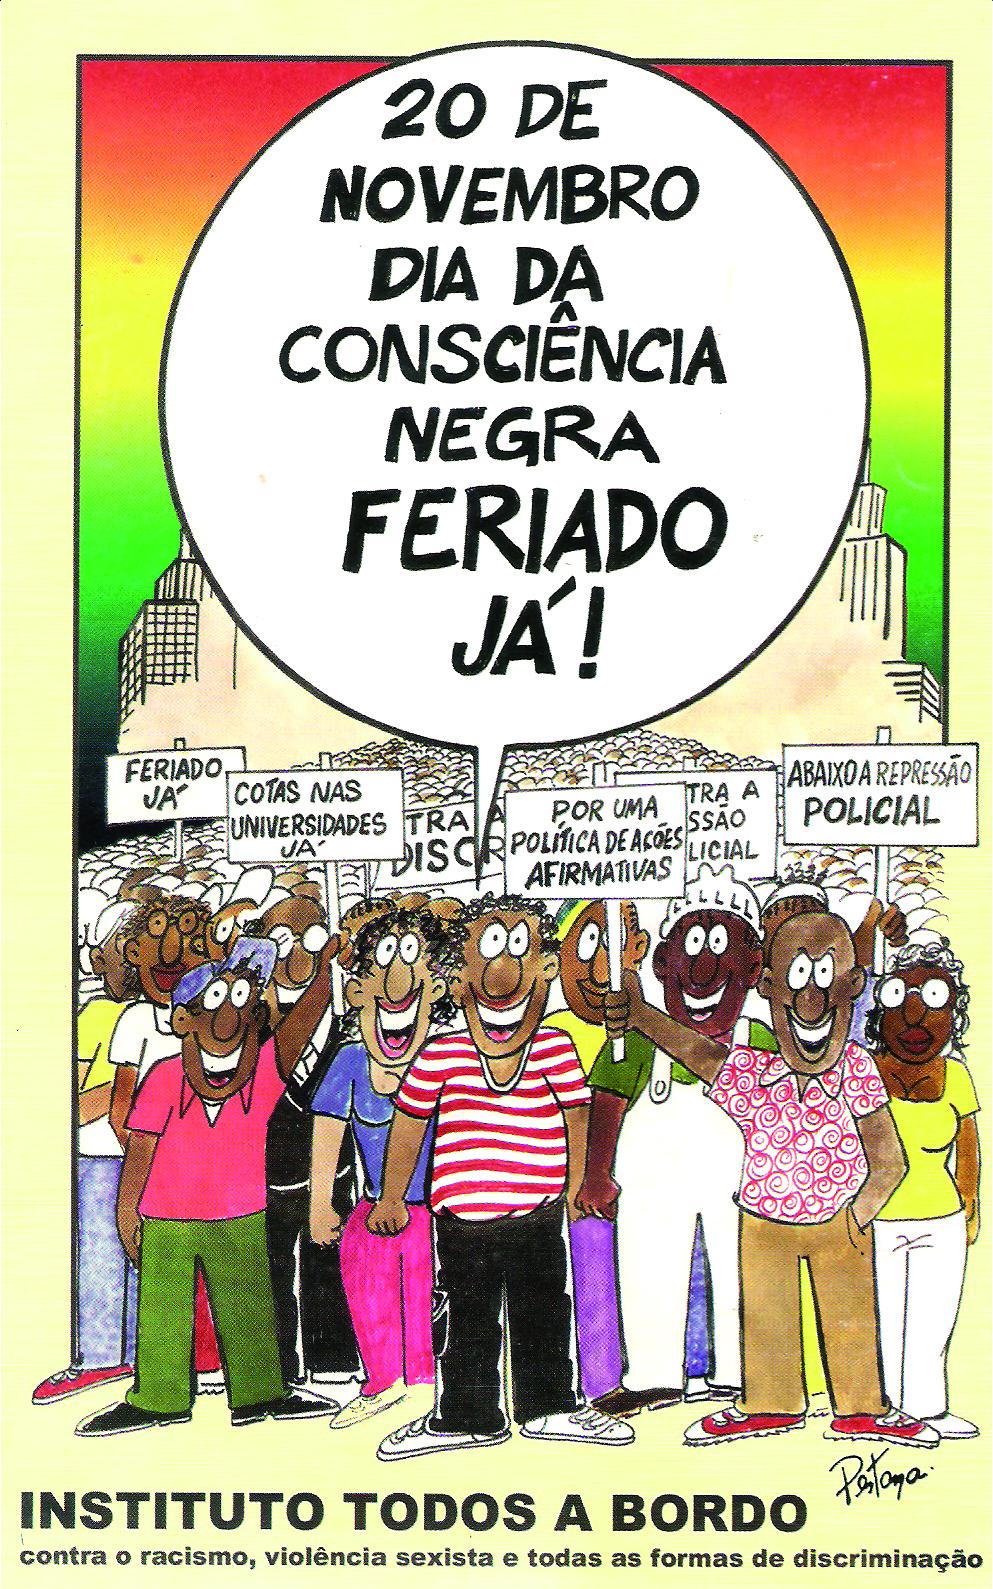 20 de Novembro dia da consciência negra, feriado já | Mauricio Pestana